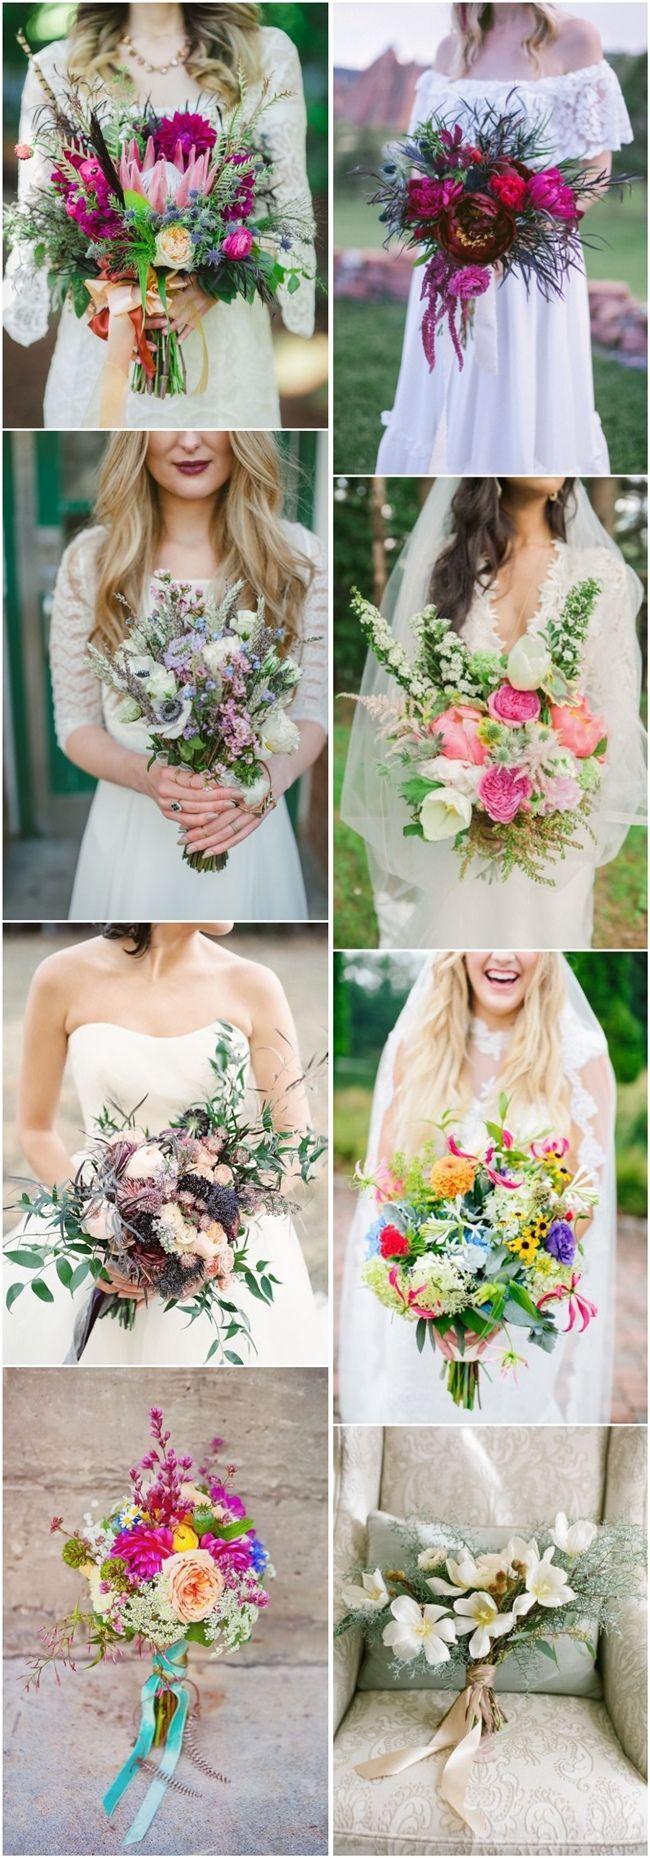 Bouquet e bohemia Um estilo único e lindo. Inspire-se! #ispiration #amazing #wedding #creative